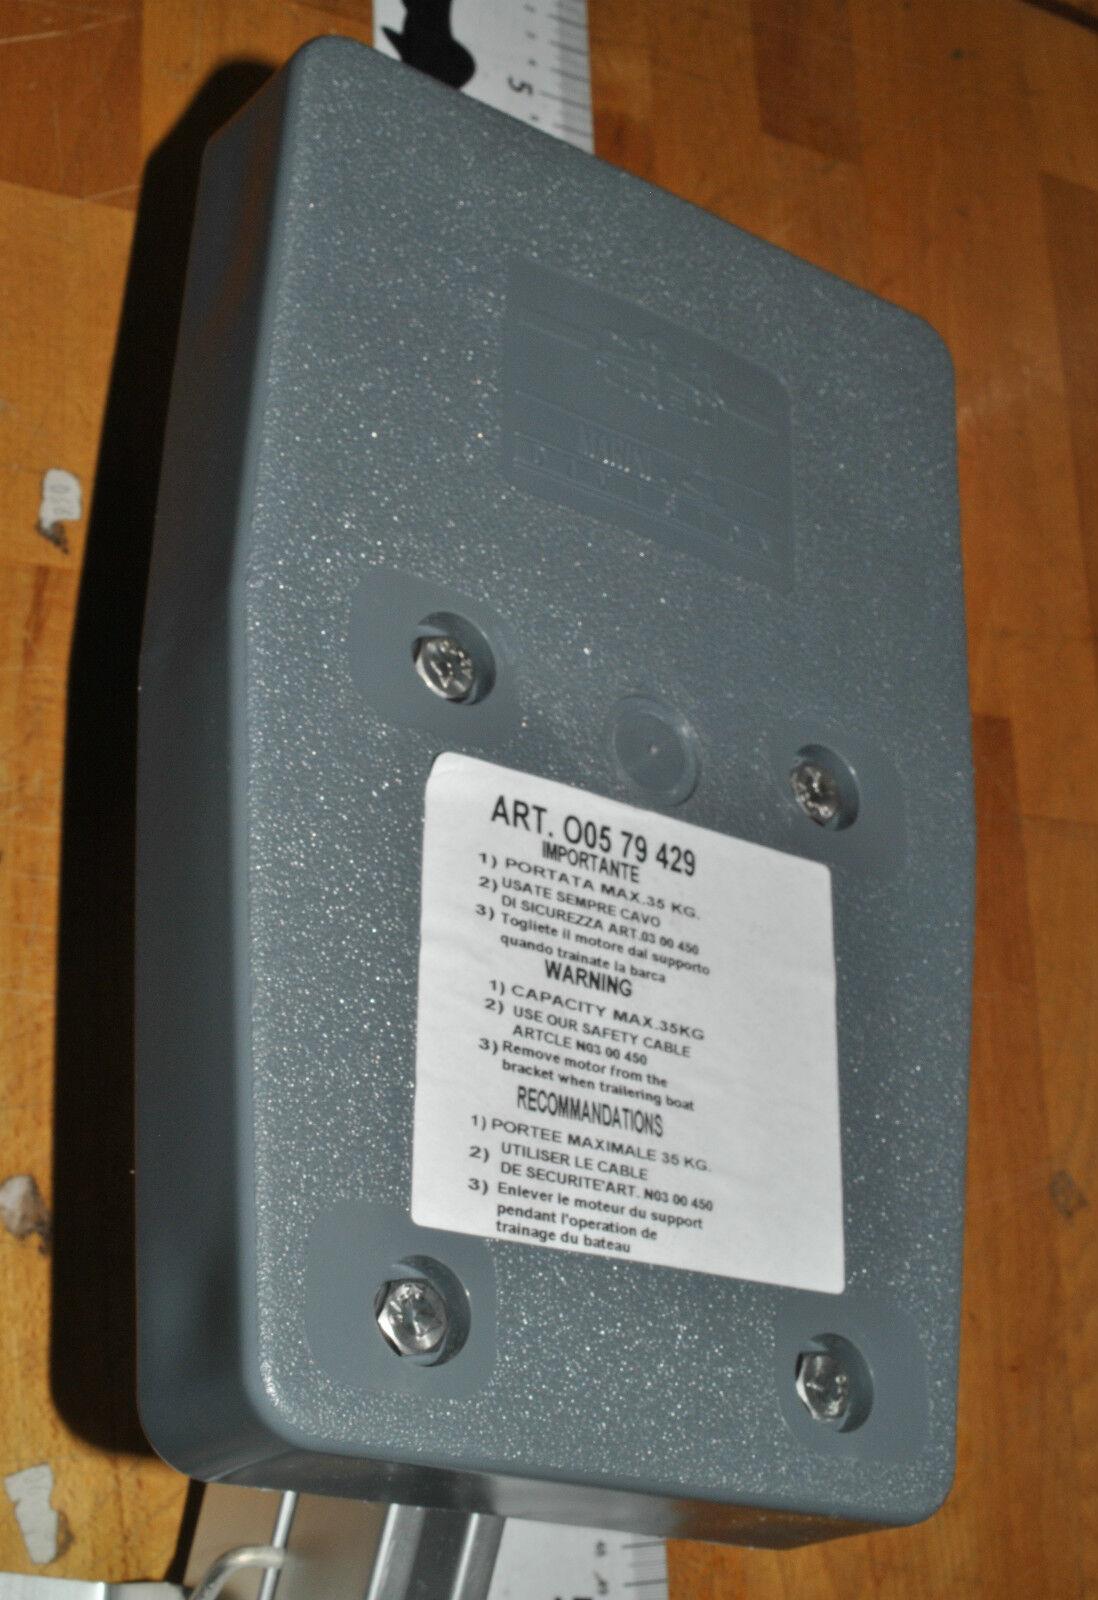 Trem Außenborder Motorhalterung bis 35 kg Stiefelmotoren-Halterung Stiefelmotoren-Halterung Stiefelmotoren-Halterung de6b7d